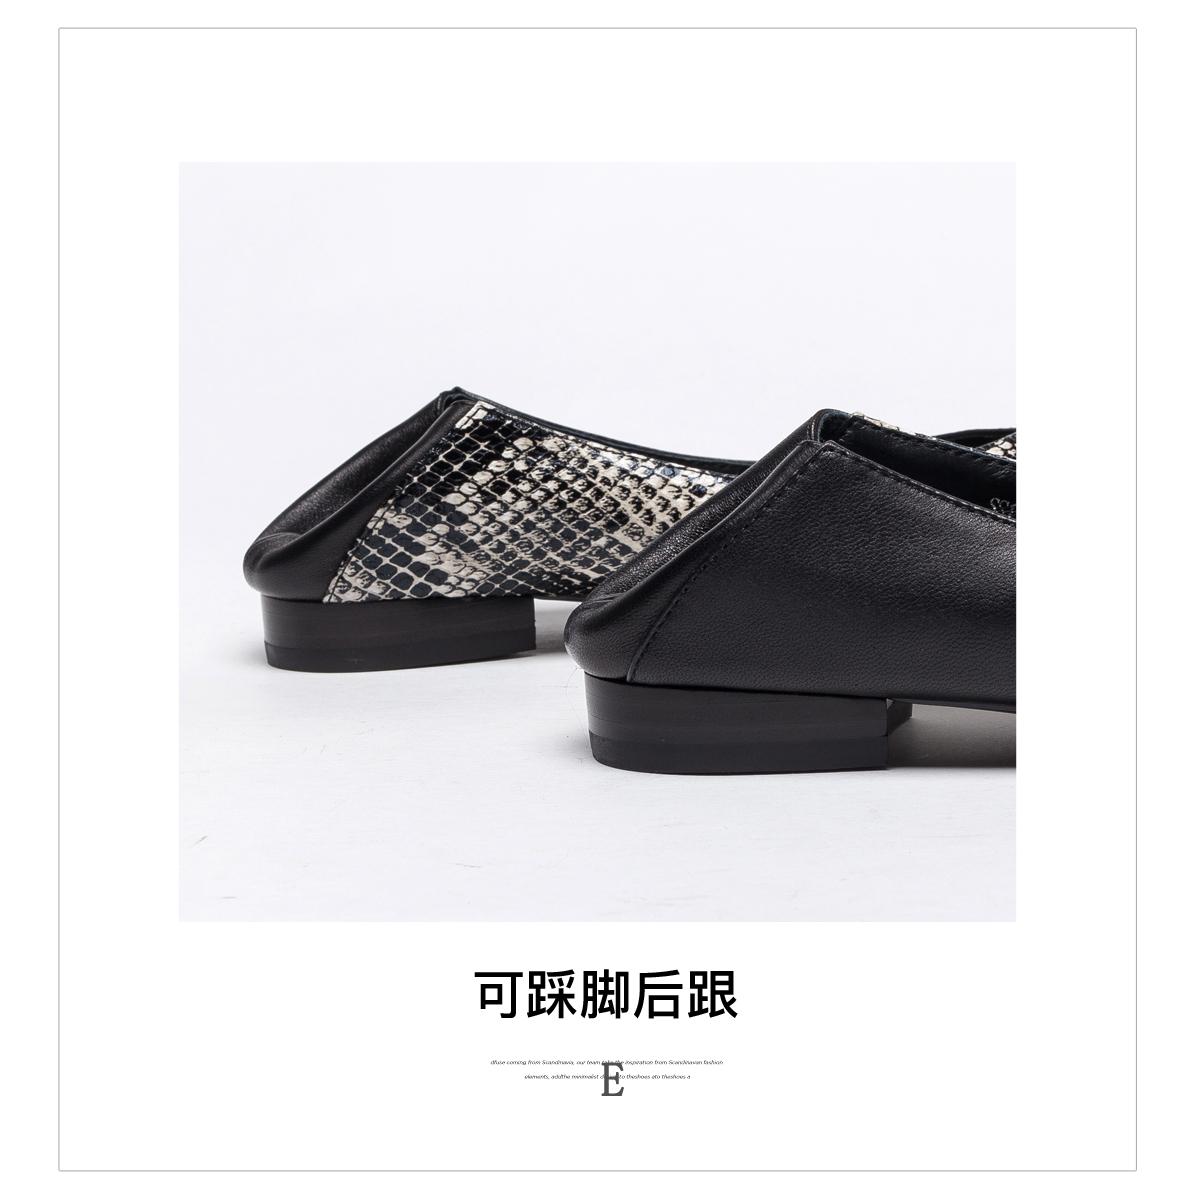 SS11111300 春季新款尖头铆钉拼色低平跟女鞋子 2021 星期六浅口单鞋